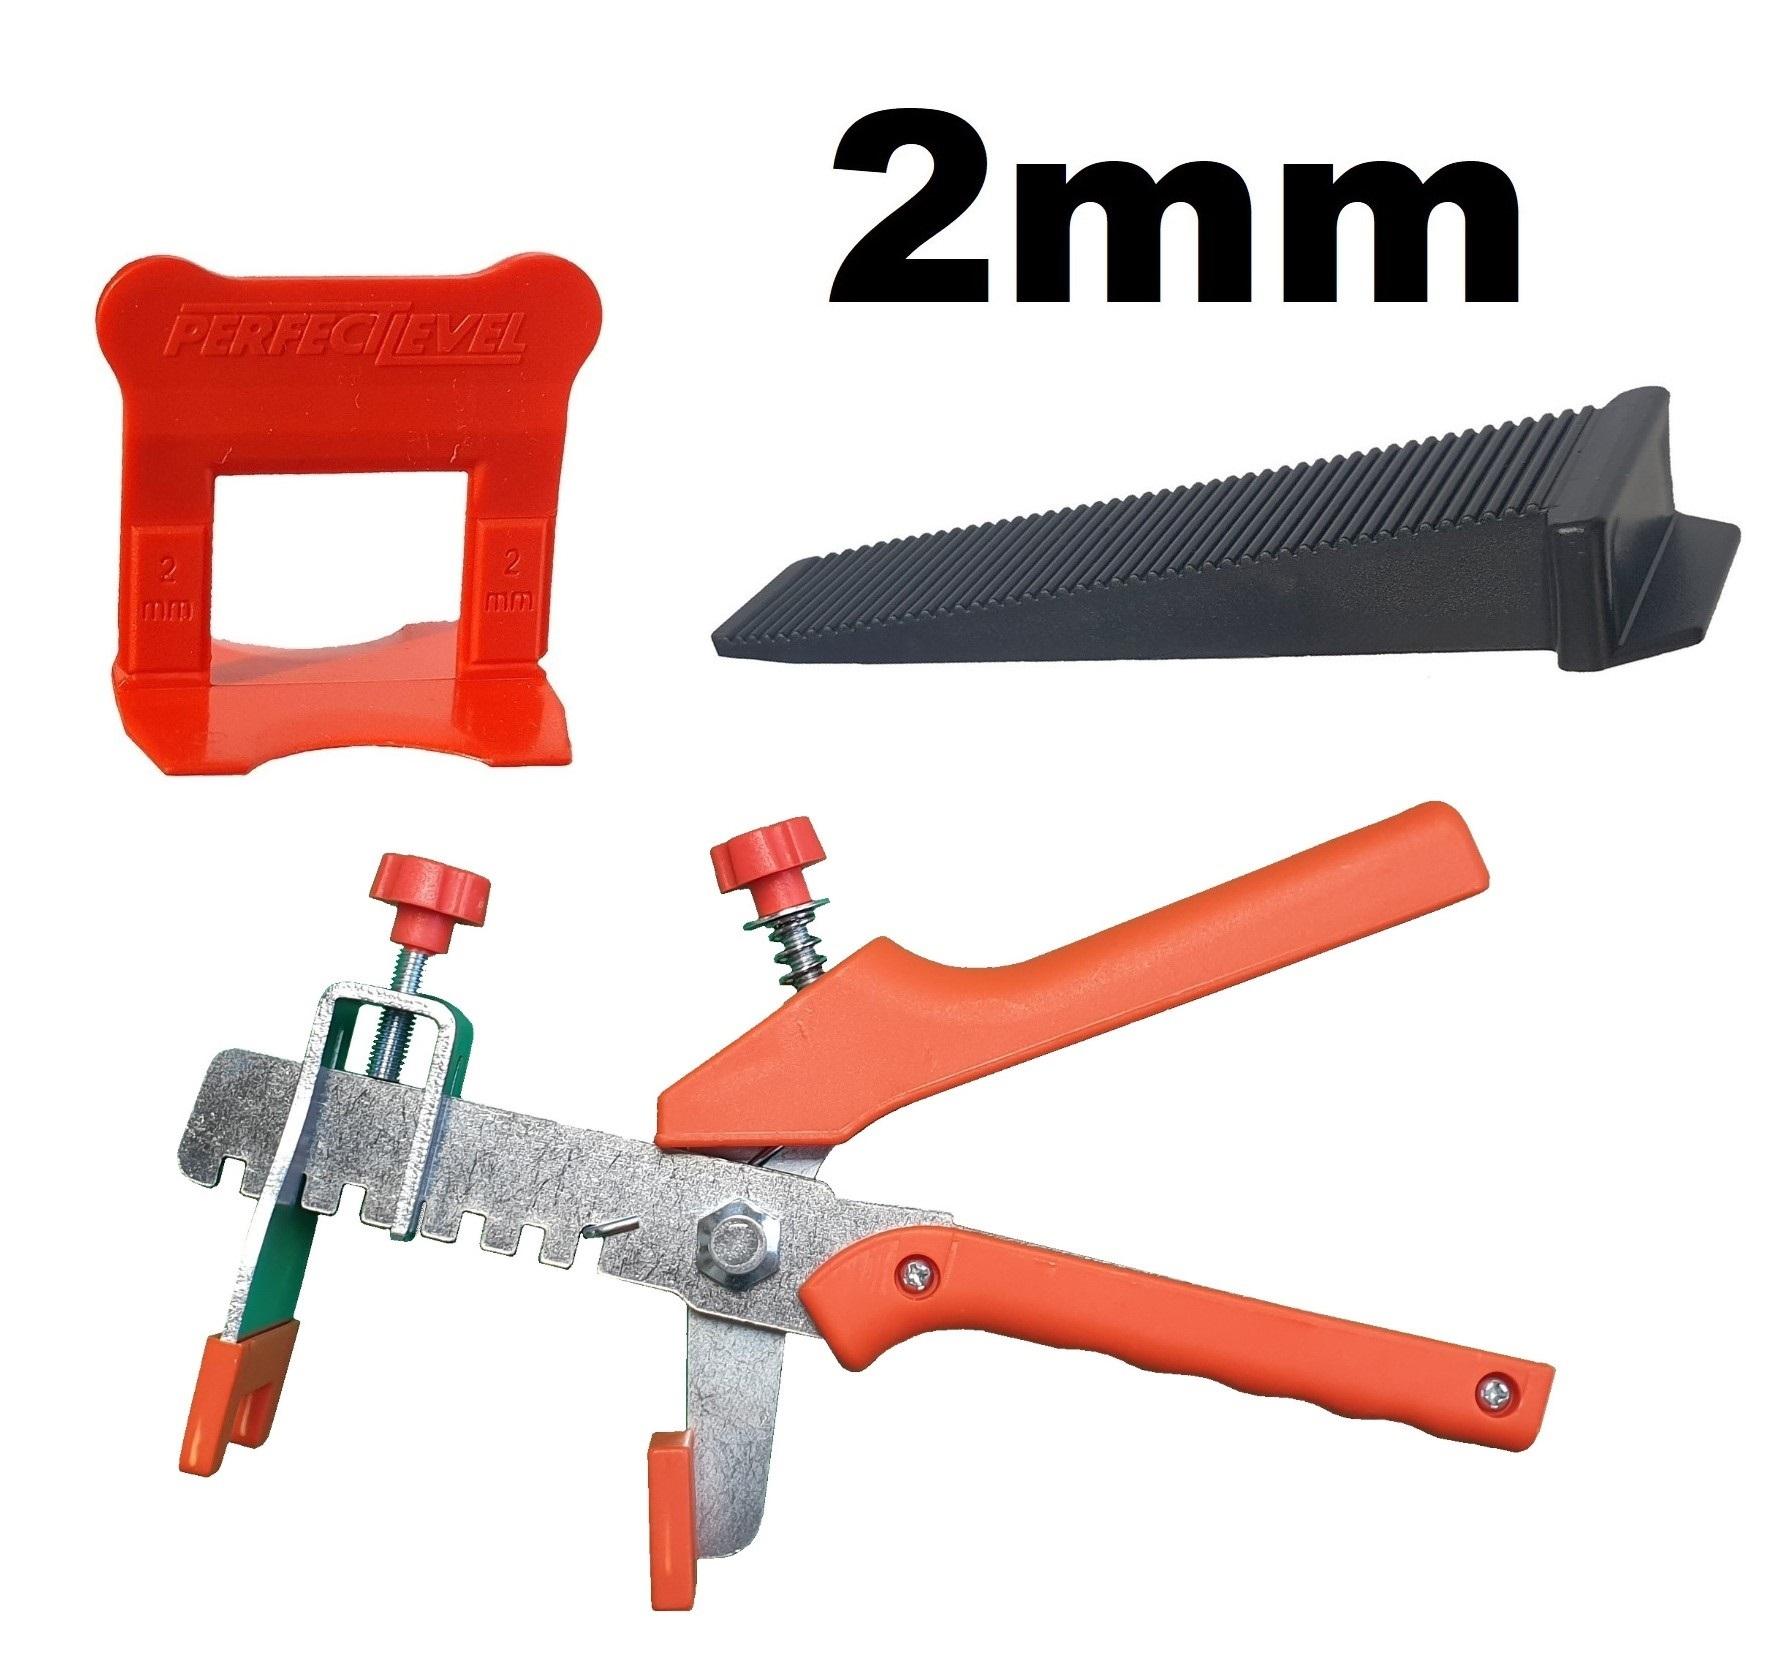 2mm kit 7719 B